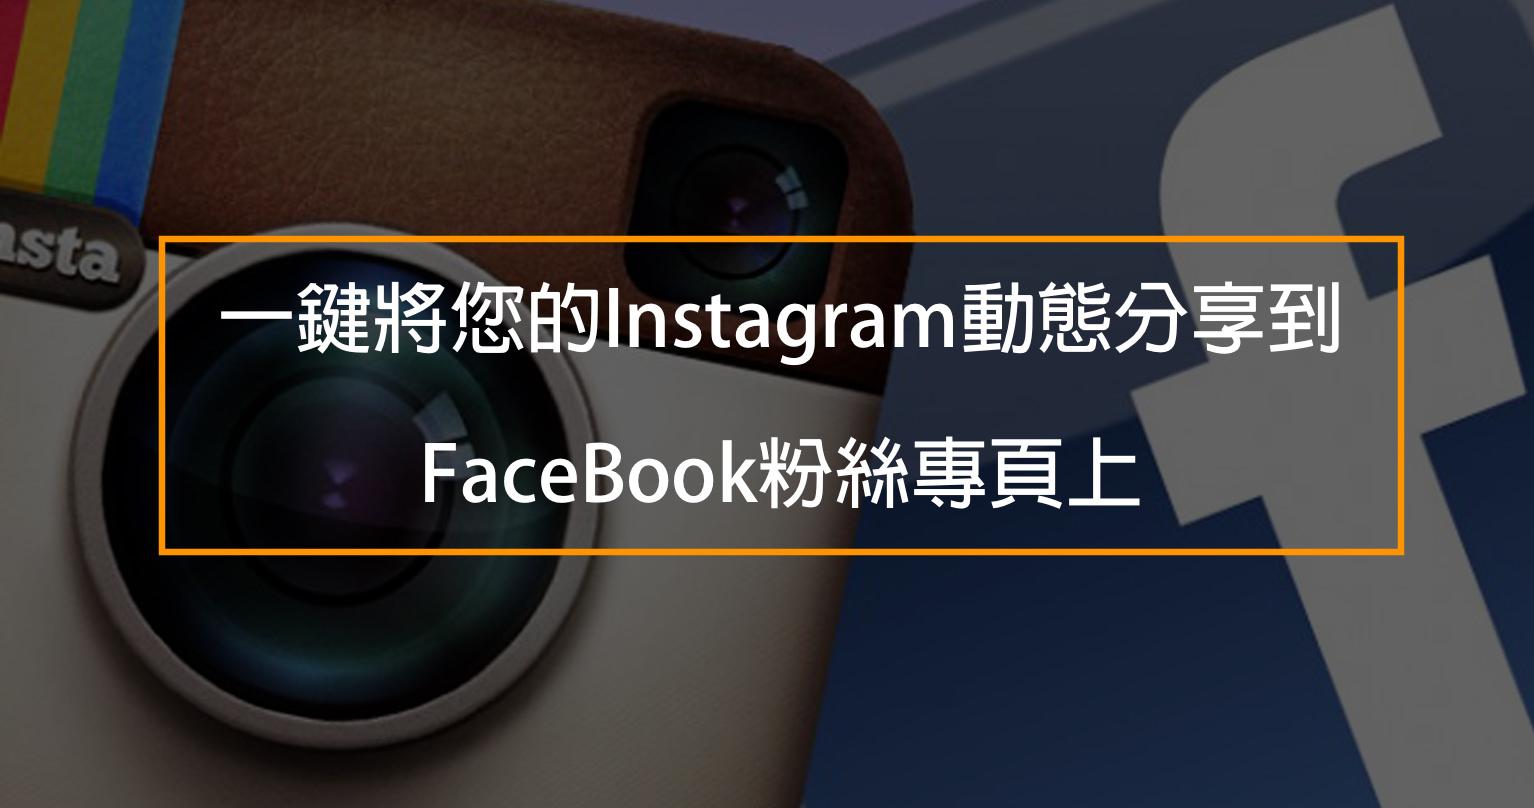 一鍵將您的Instagram動態分享到FaceBook粉絲專頁上